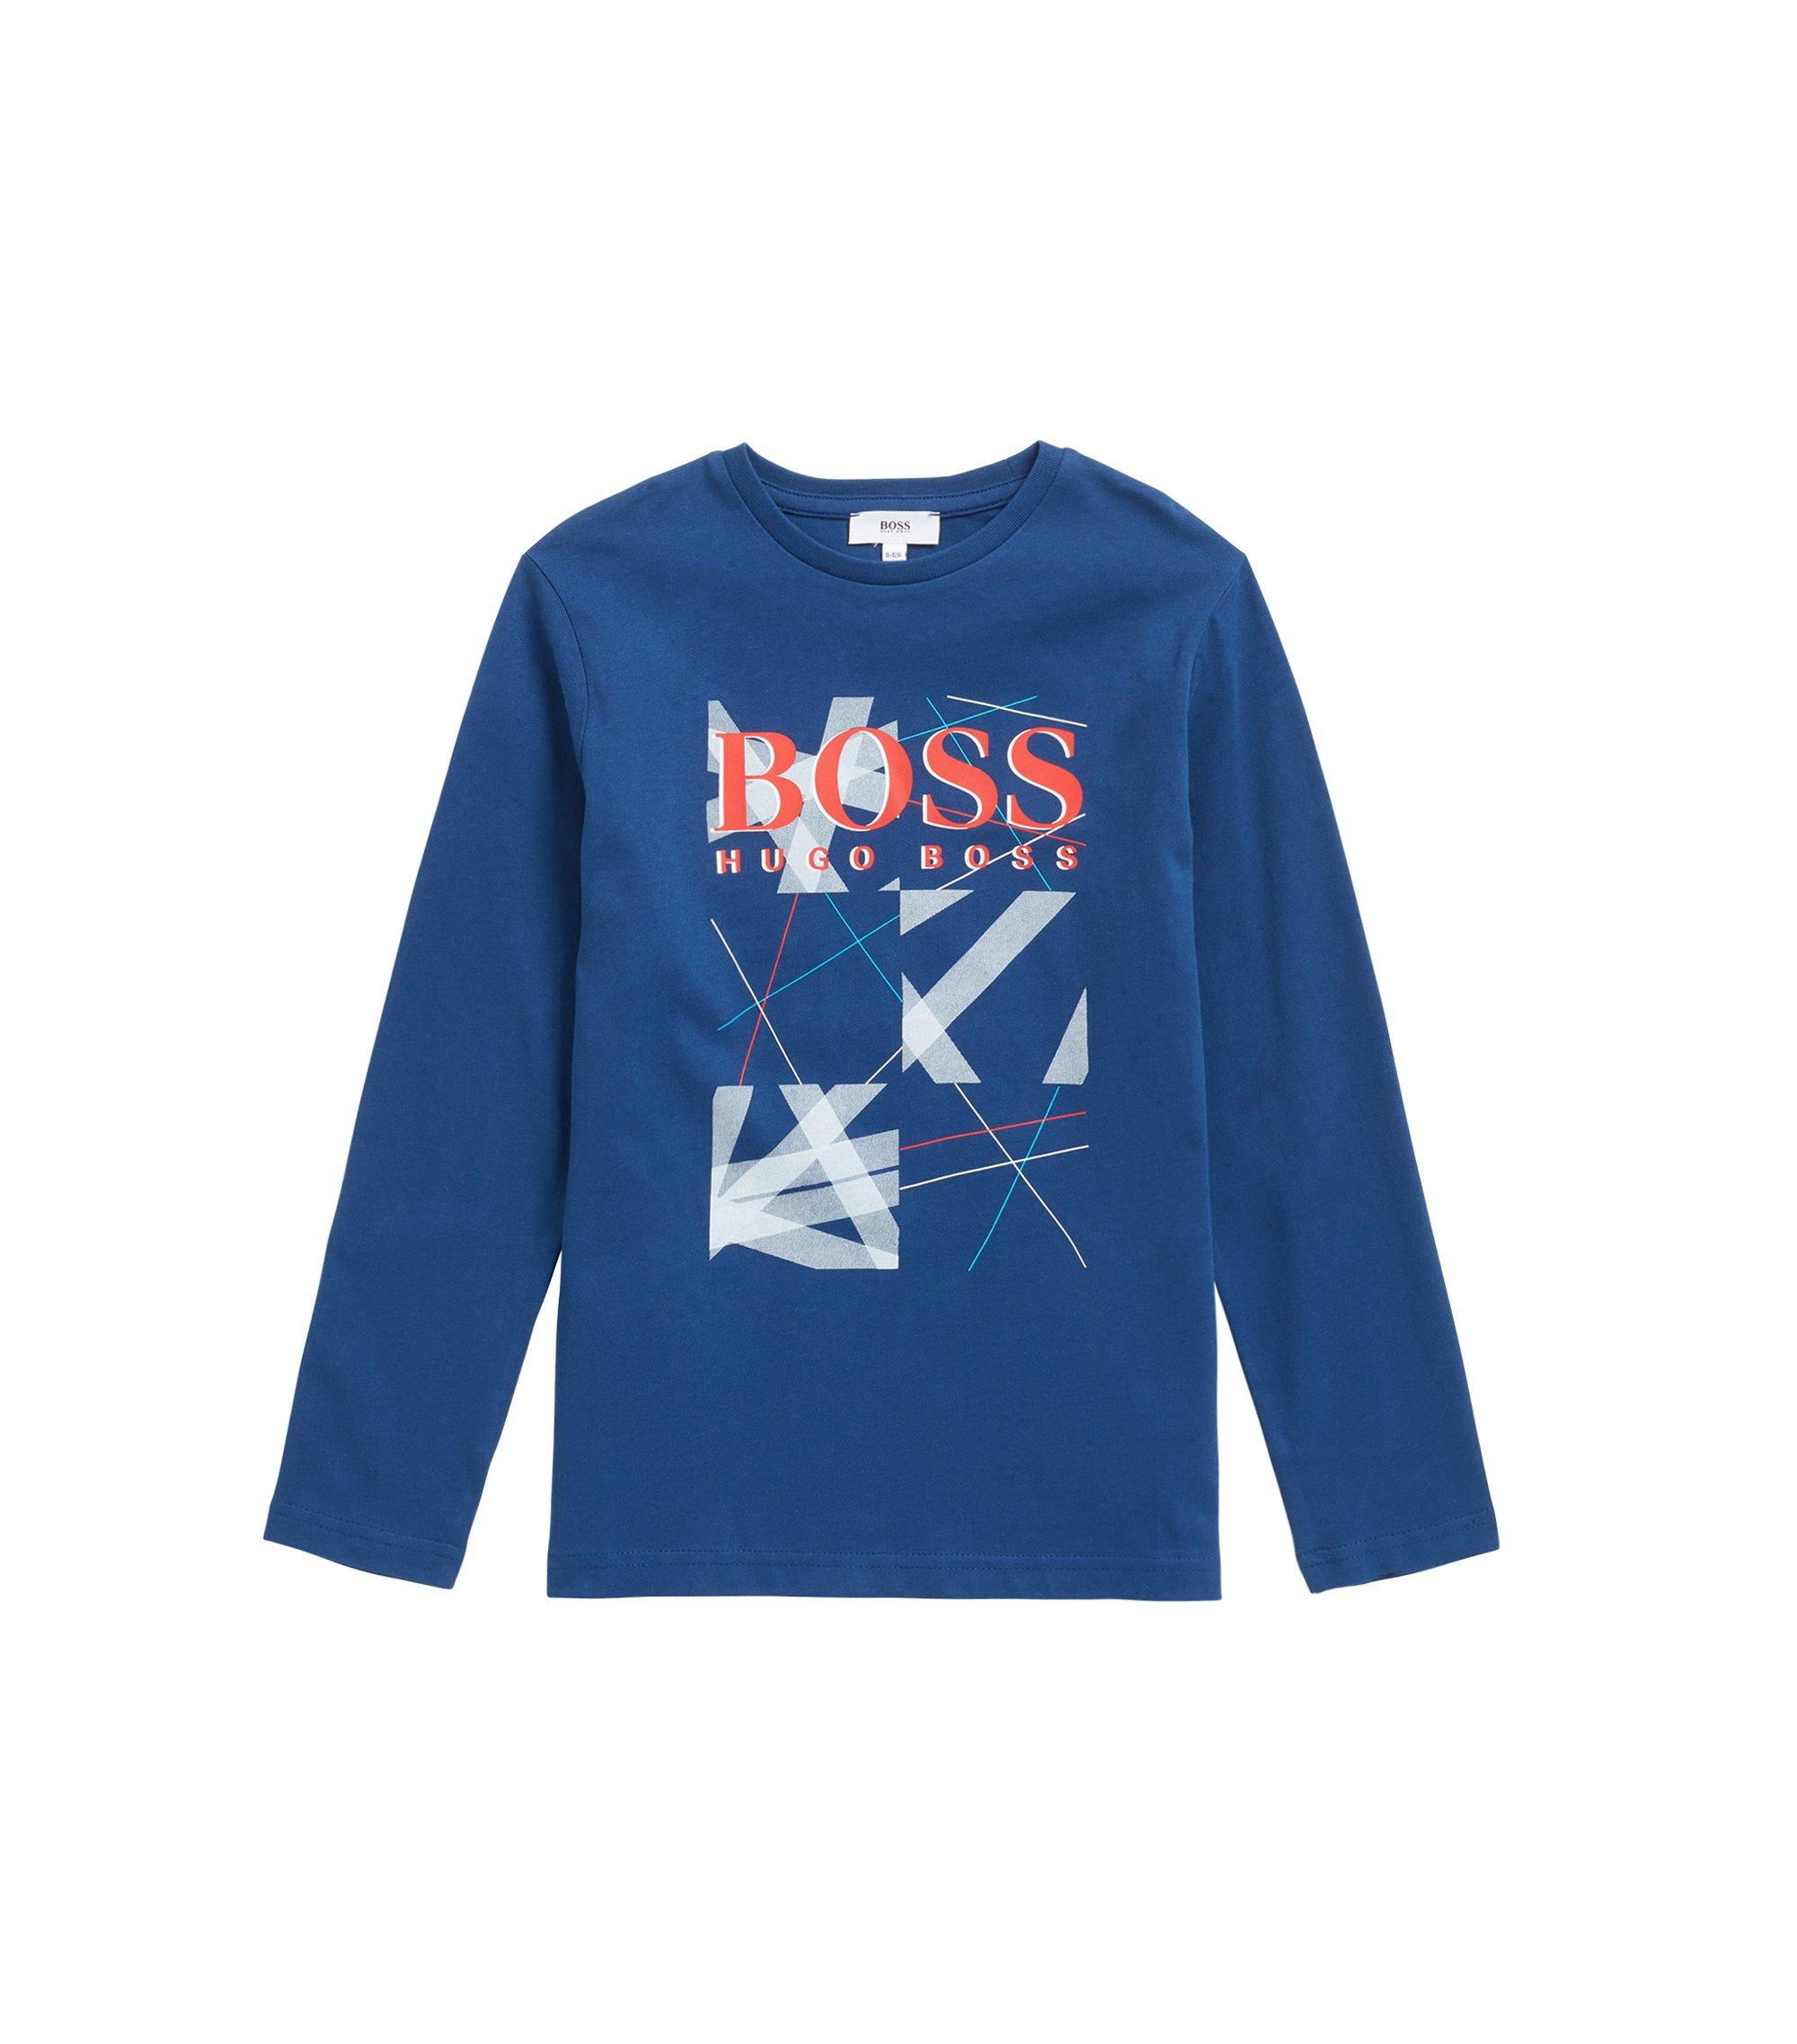 Kinder-T-shirt van katoen met lange mouwen en grafische logoprint, Blauw